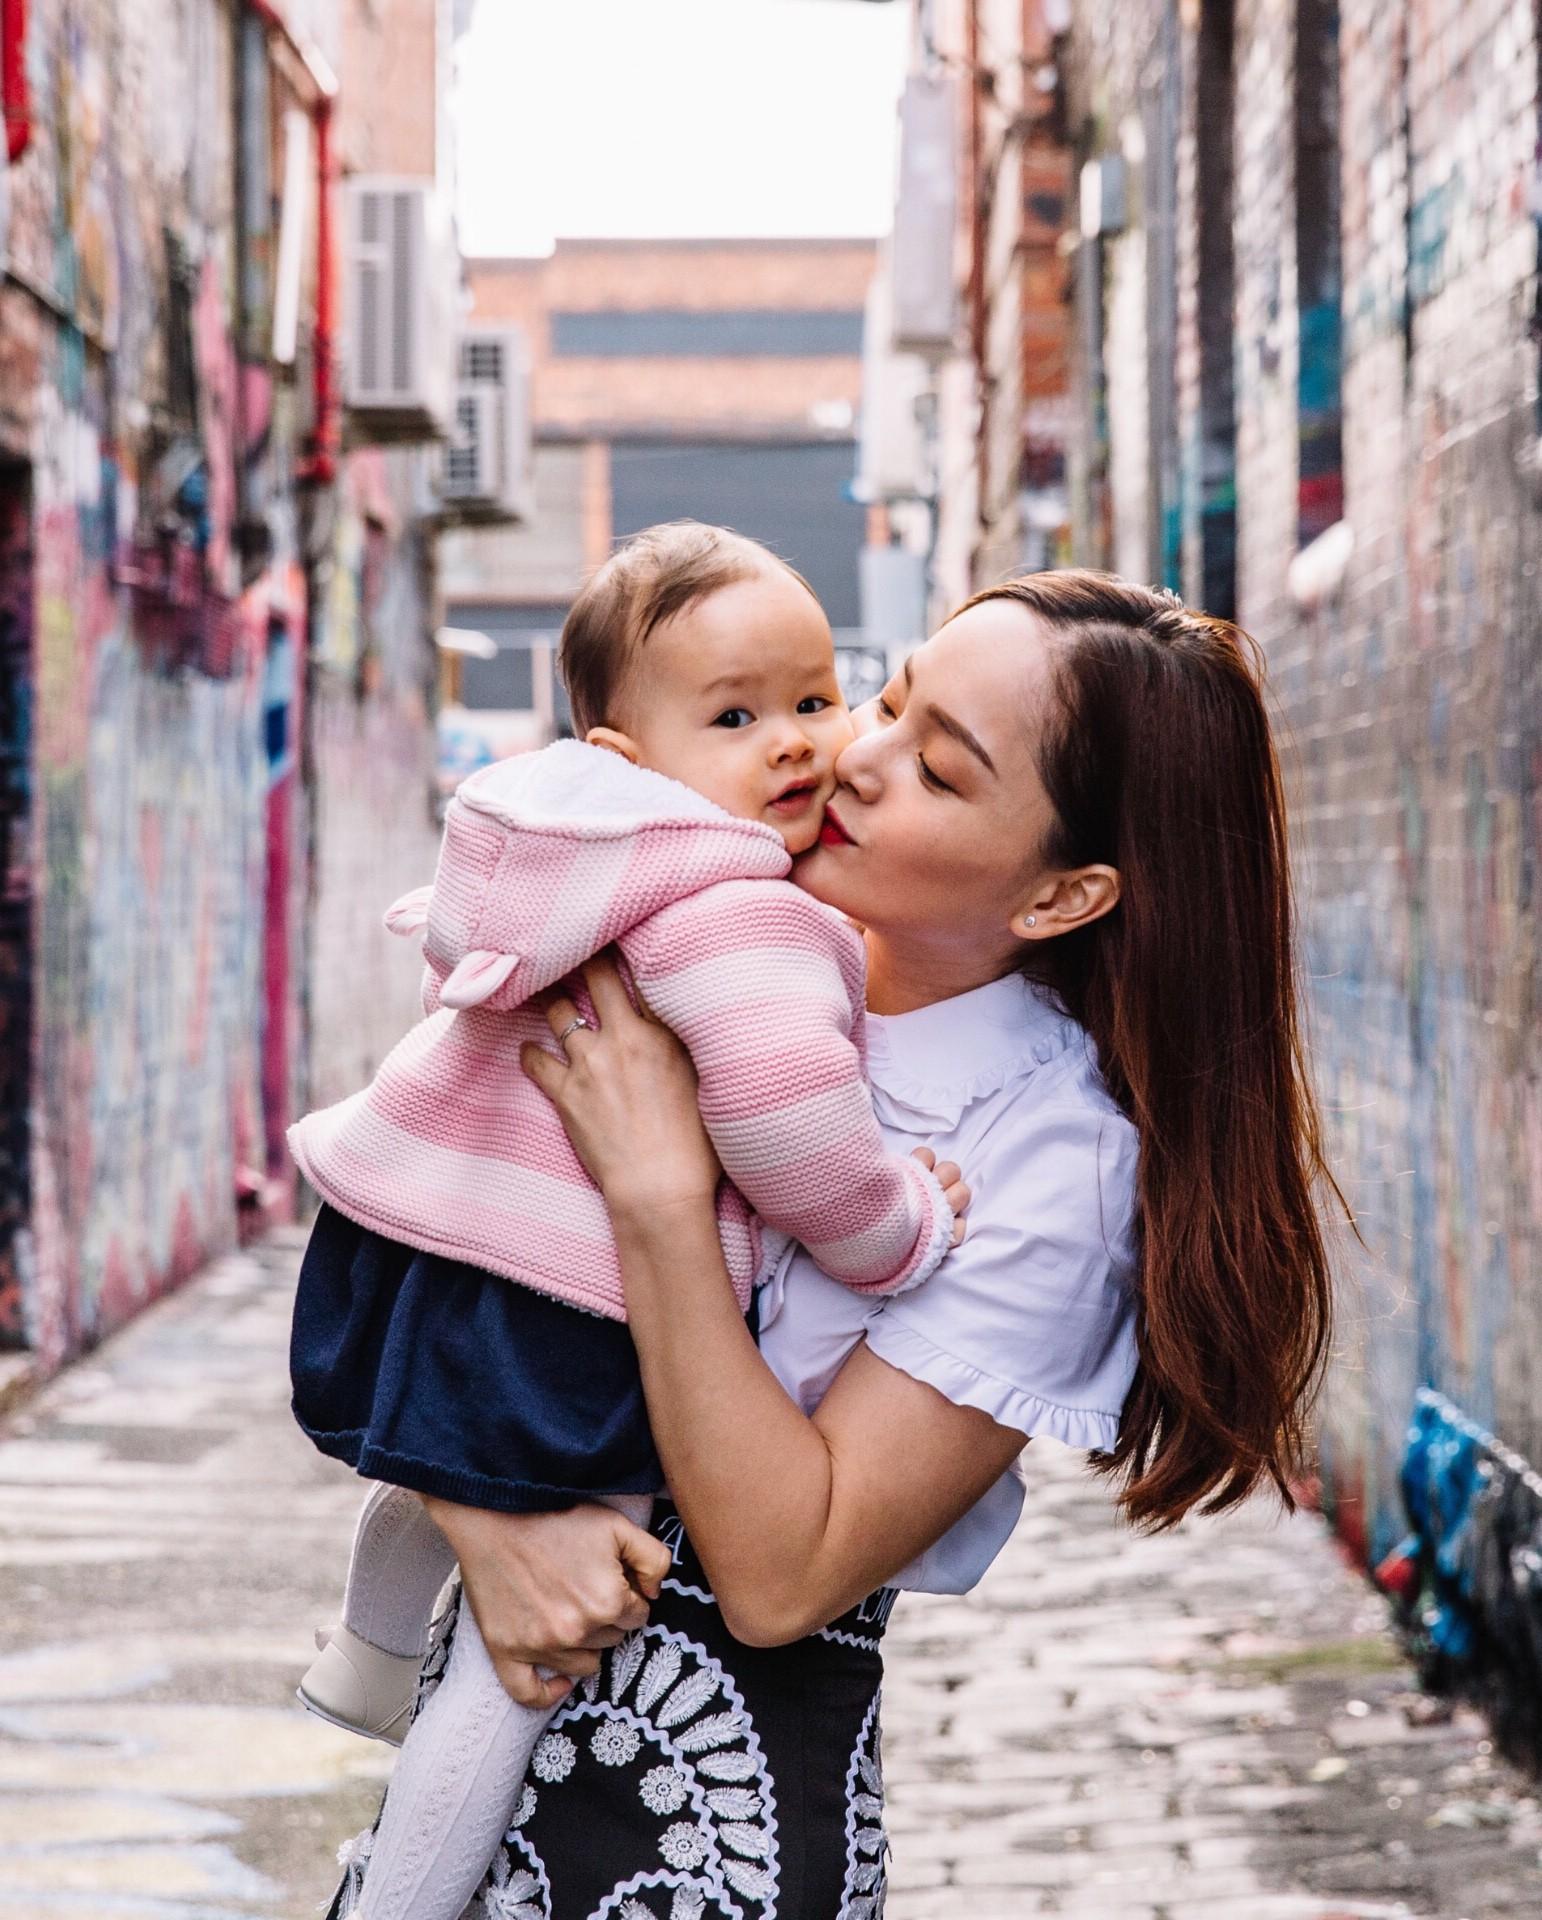 'Nàng dâu order' Lan Phương tiết lộ ngôn ngữ riêng sử dụng trong giao tiếp với con gái - Ảnh 6